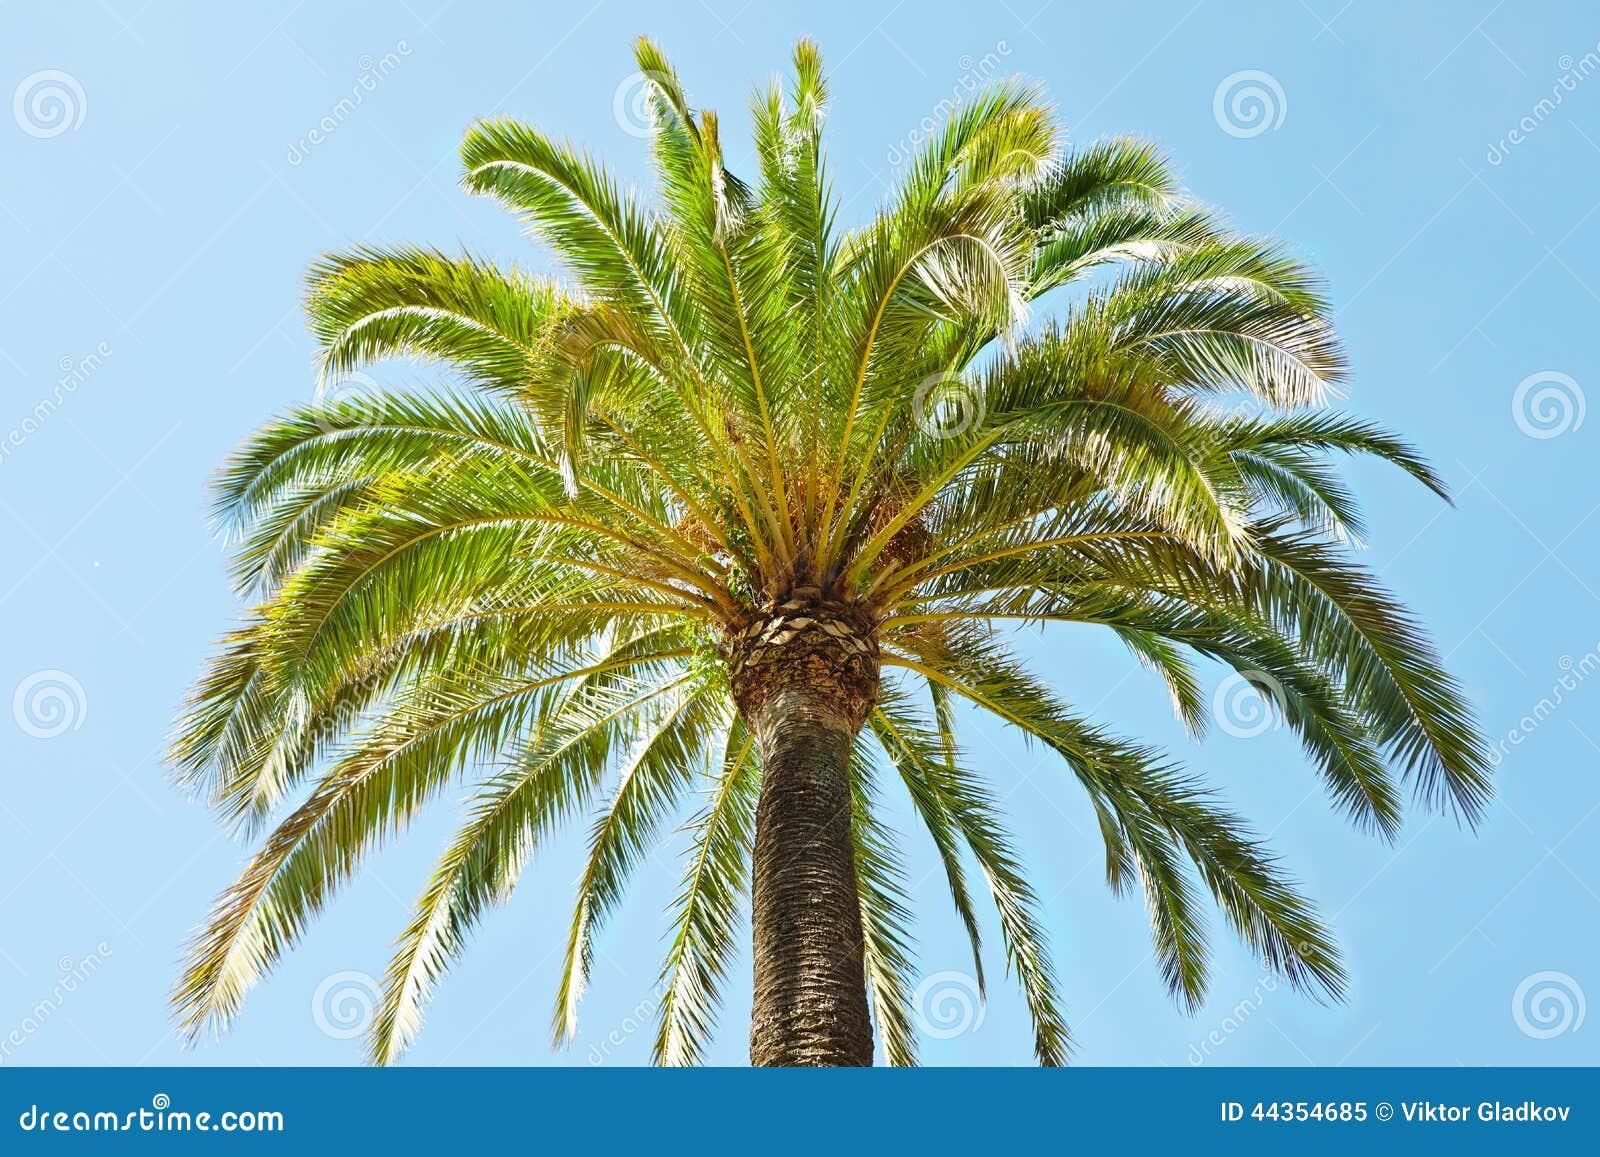 Zielony drzewko palmowe